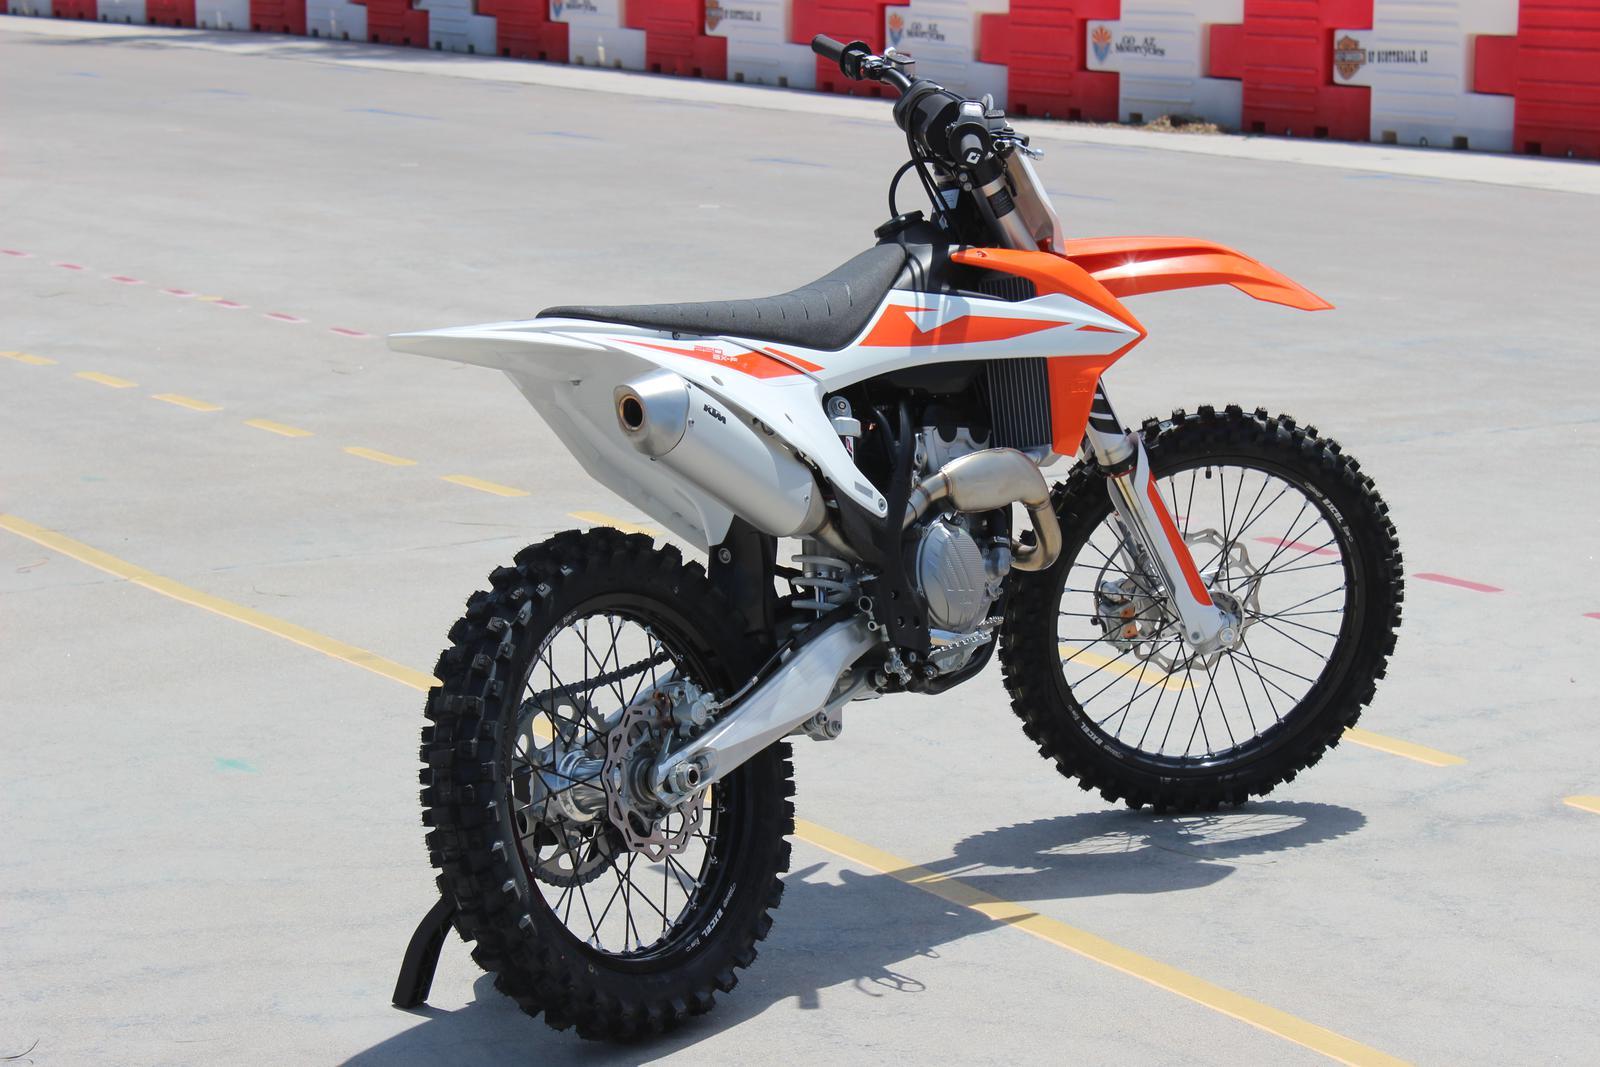 2019 KTM 250 SX-F